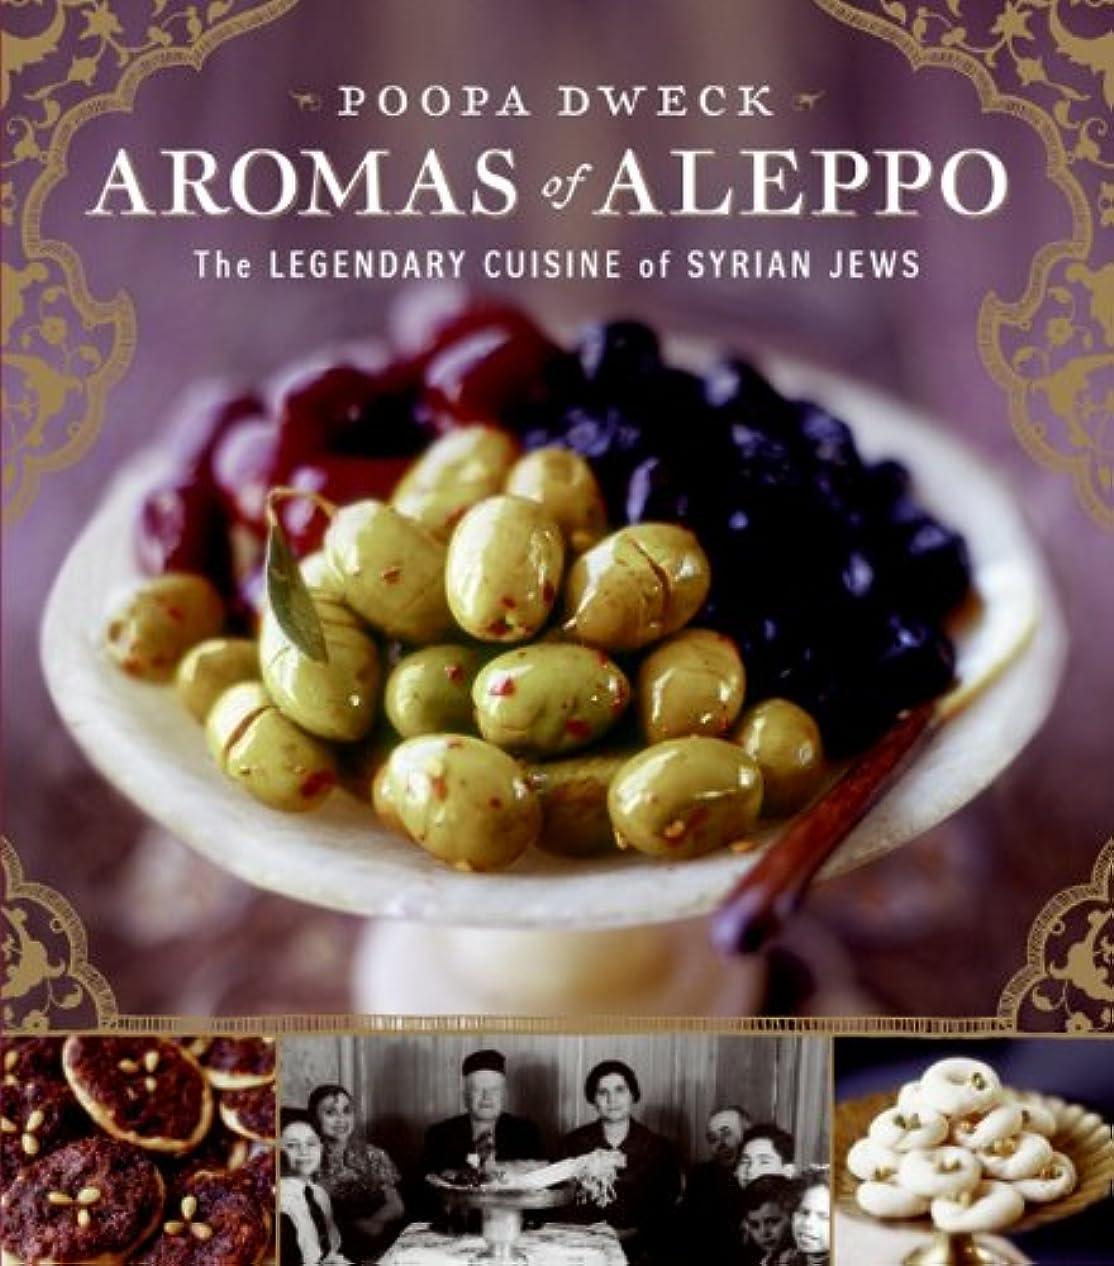 バナーアクロバット配偶者Aromas of Aleppo: The Legendary Cuisine of Syrian Jews (English Edition)